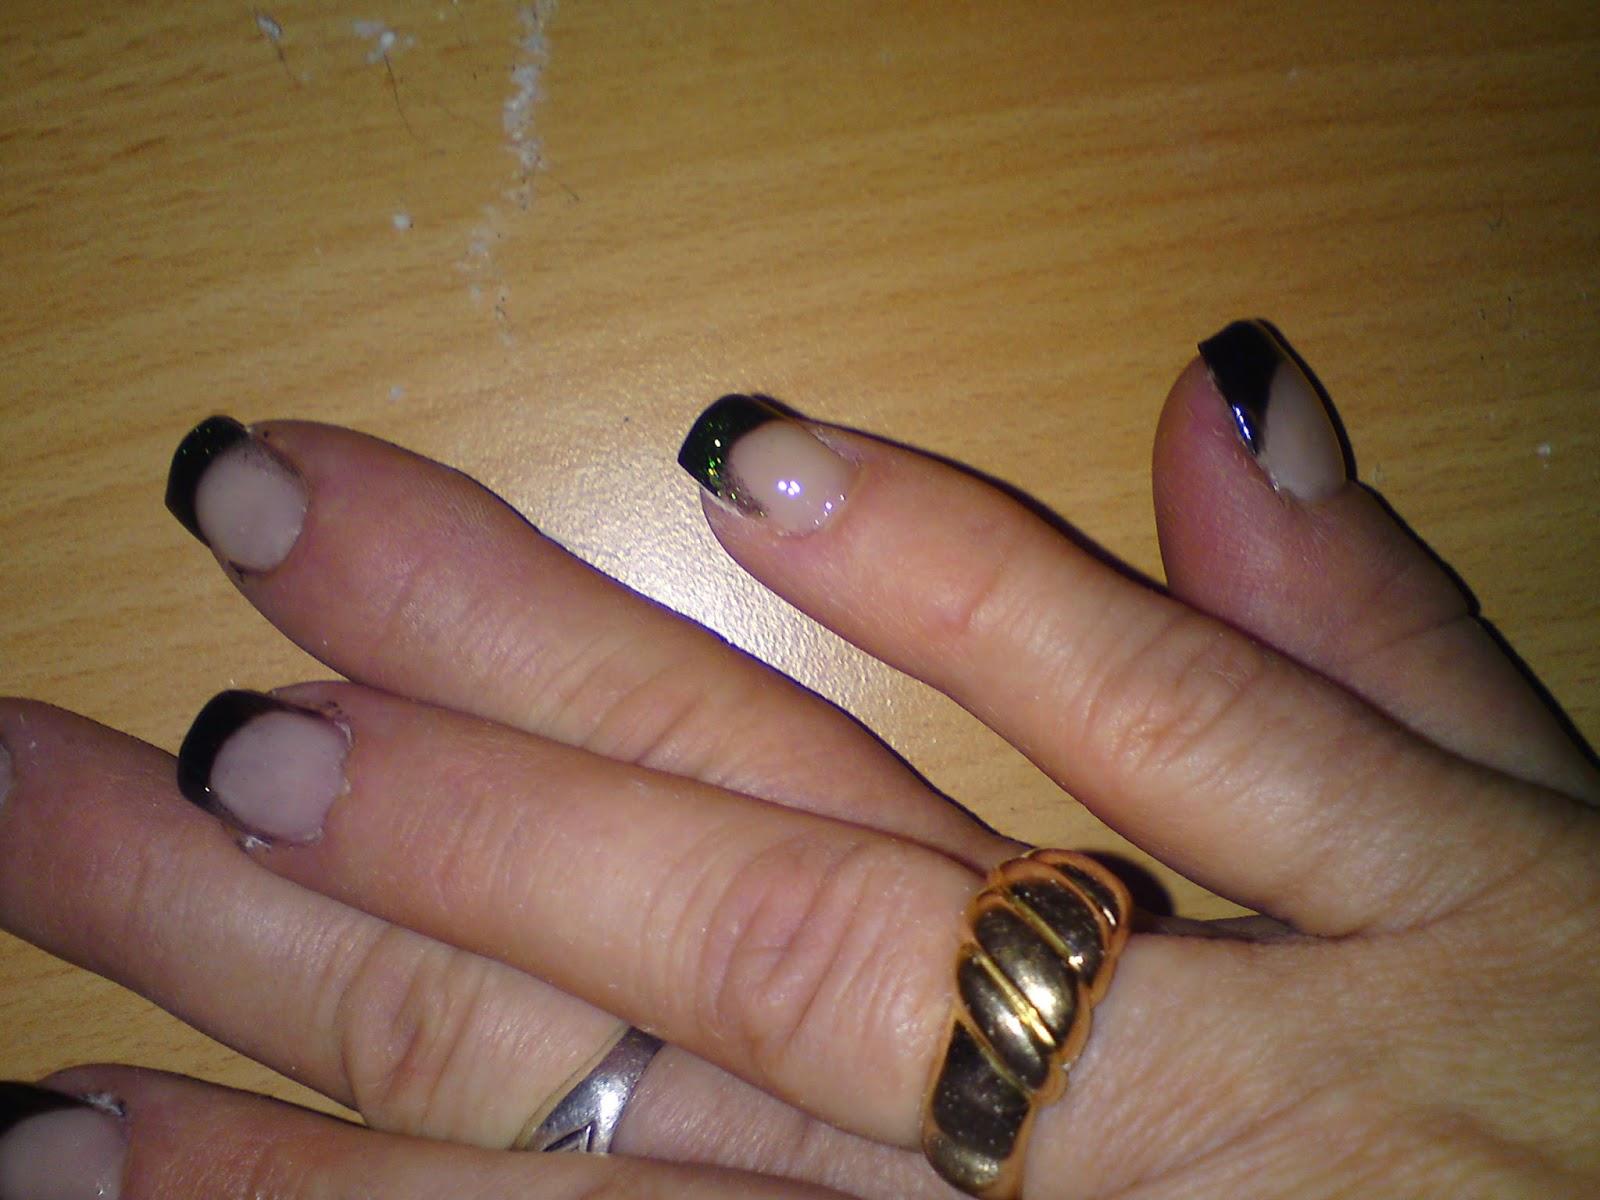 http://lunalithe.blogspot.fr/2012/02/remplissage-noir-et-vert.html